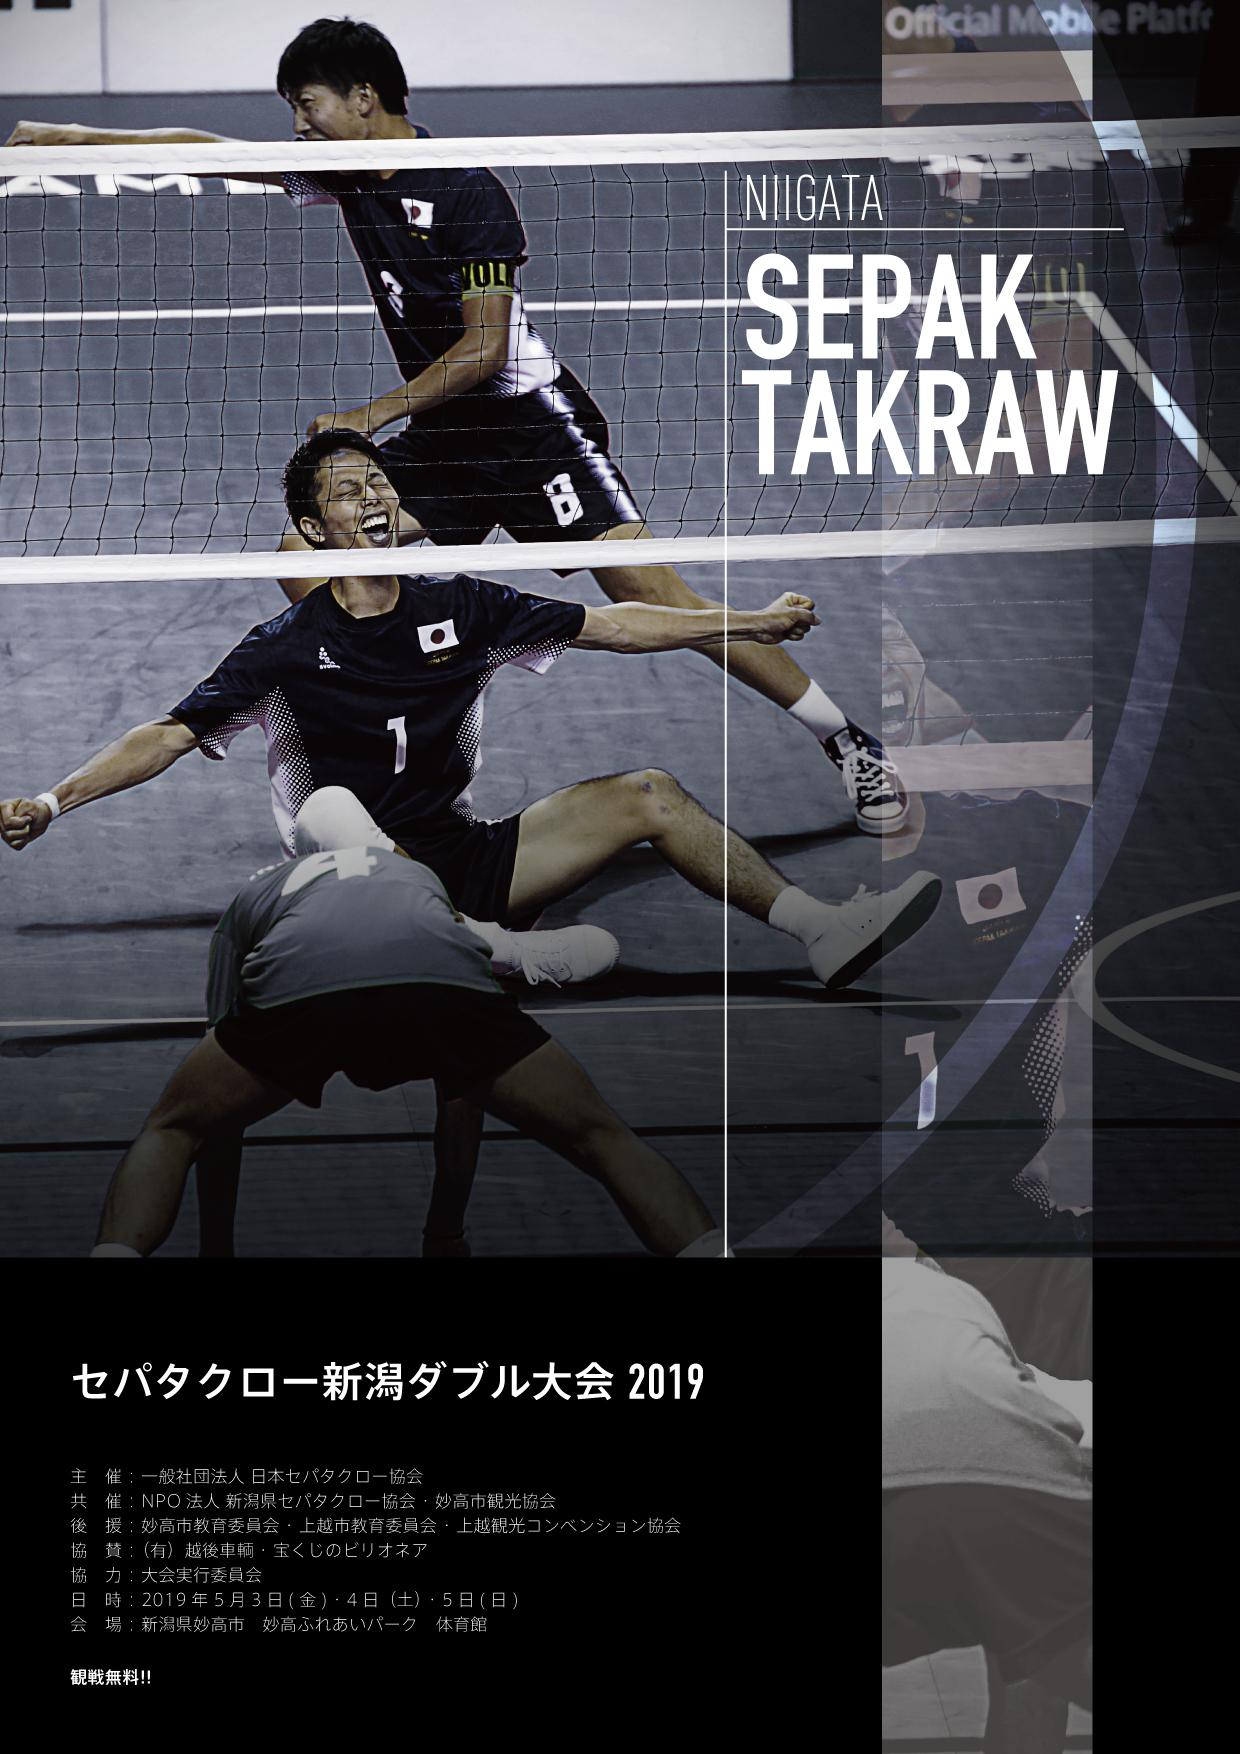 http://jstaf.jp/2019.04.07_sepak_1.jpg